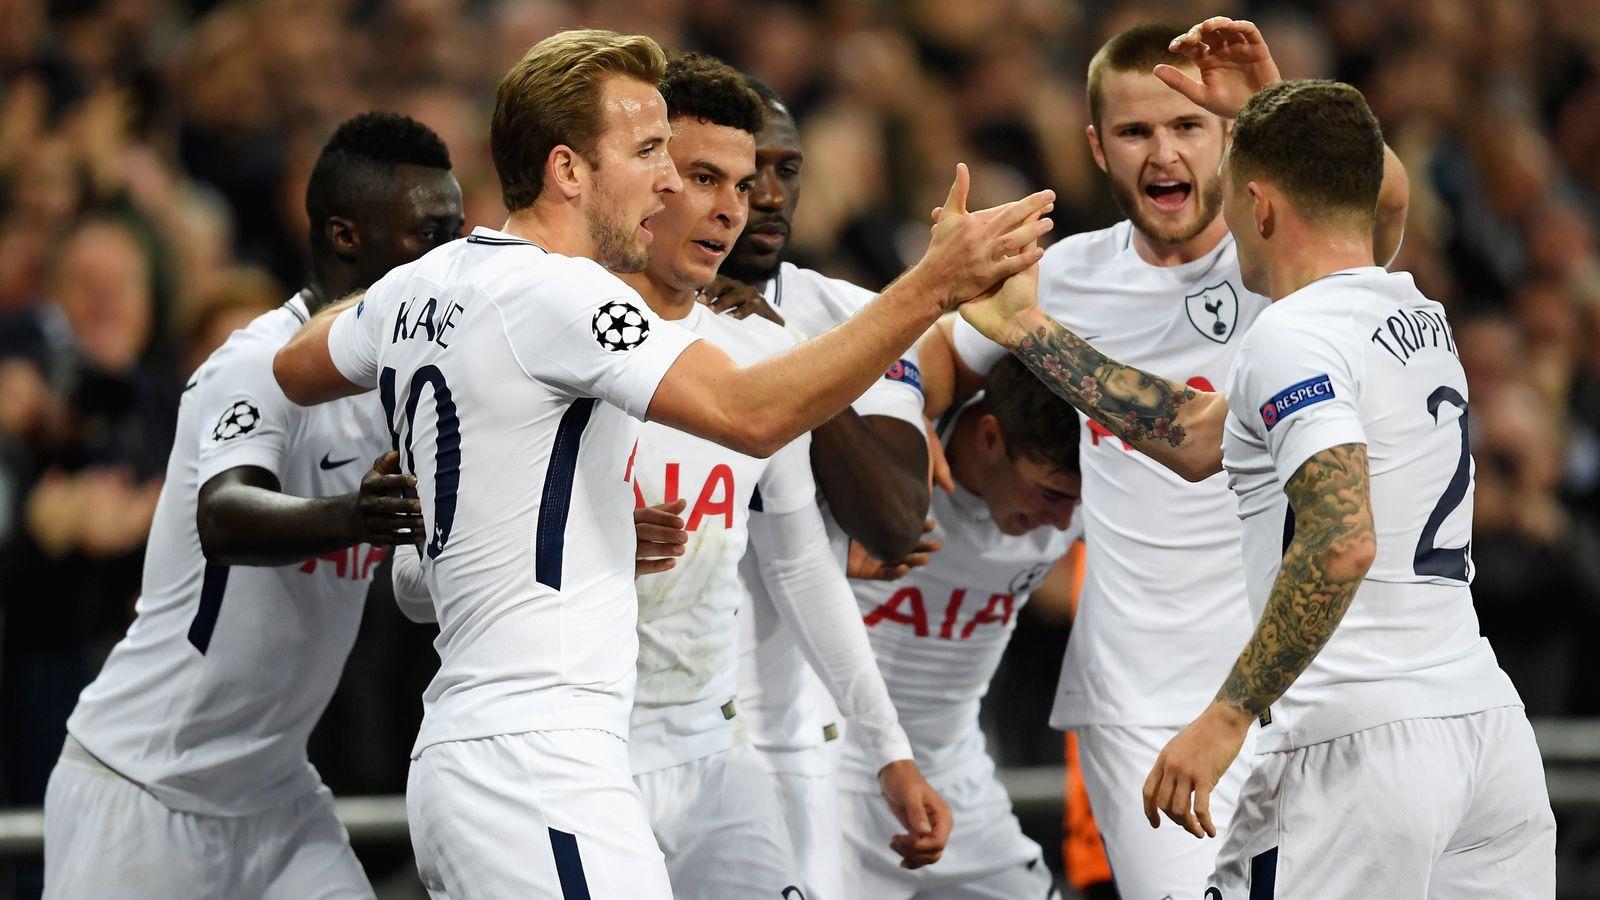 Match Preview - Tottenham vs Apoel | 06 Dec 2017